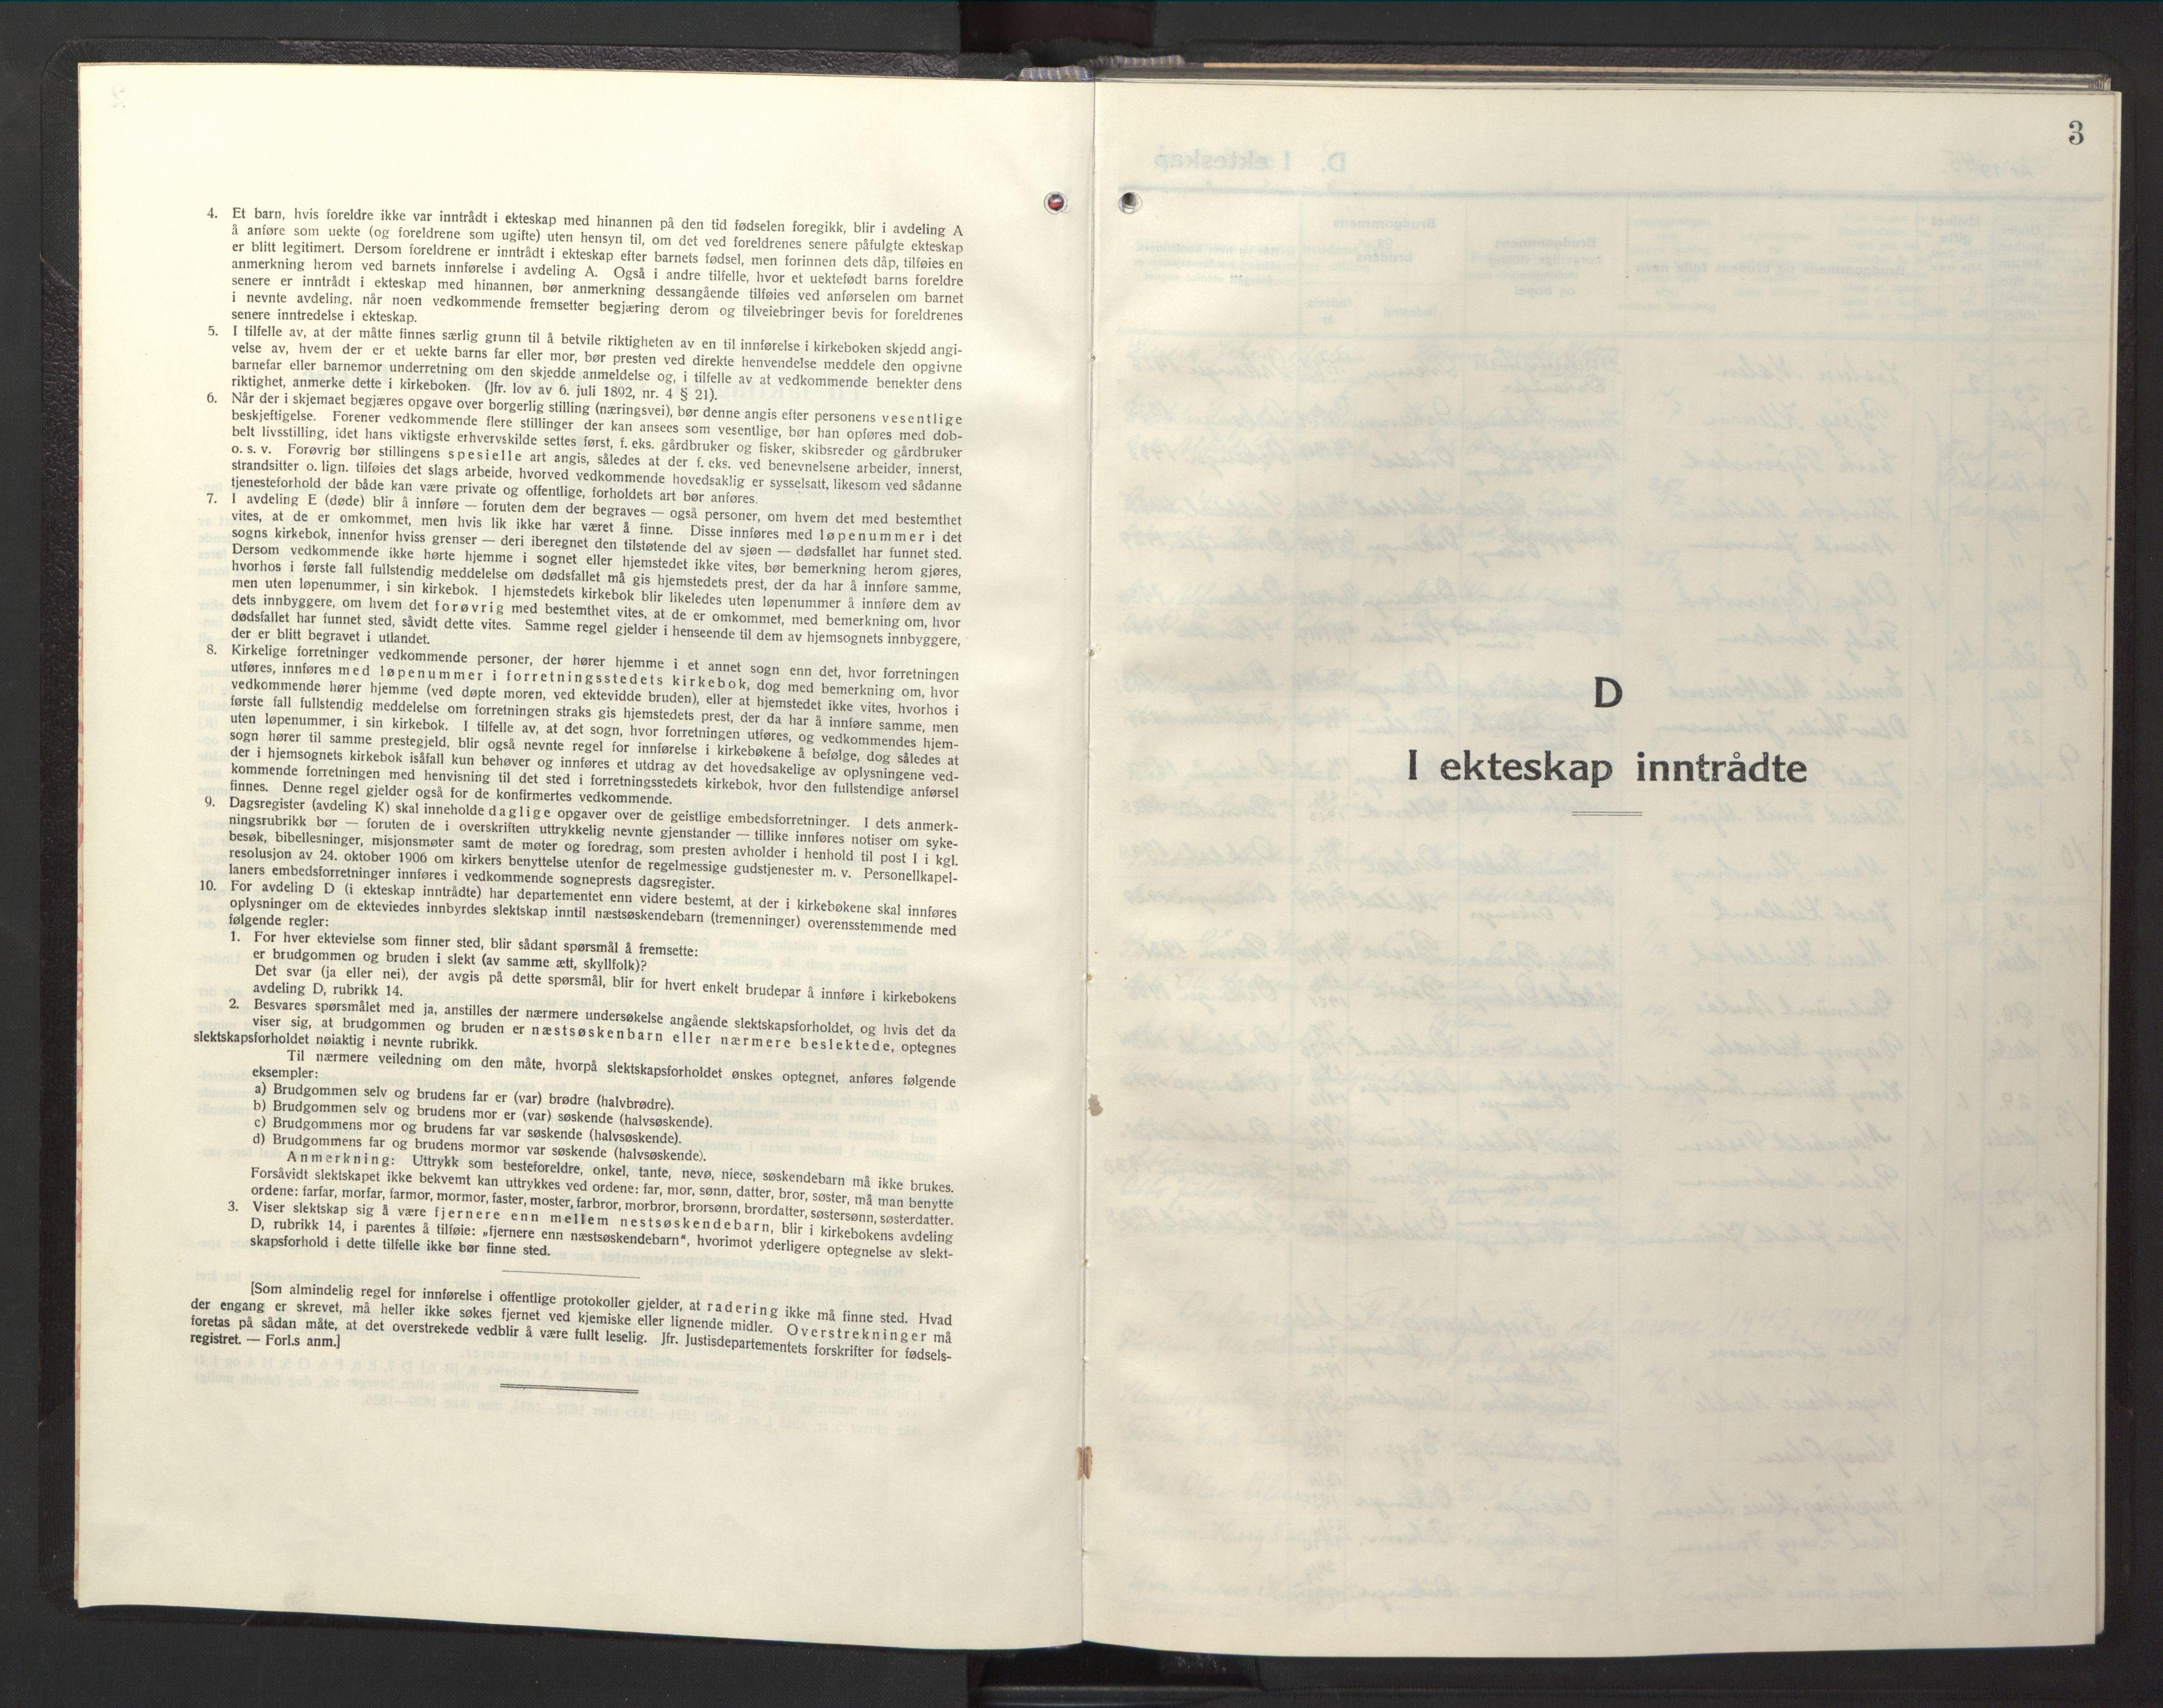 SAT, Ministerialprotokoller, klokkerbøker og fødselsregistre - Sør-Trøndelag, 669/L0833: Klokkerbok nr. 669C03, 1945-1950, s. 3